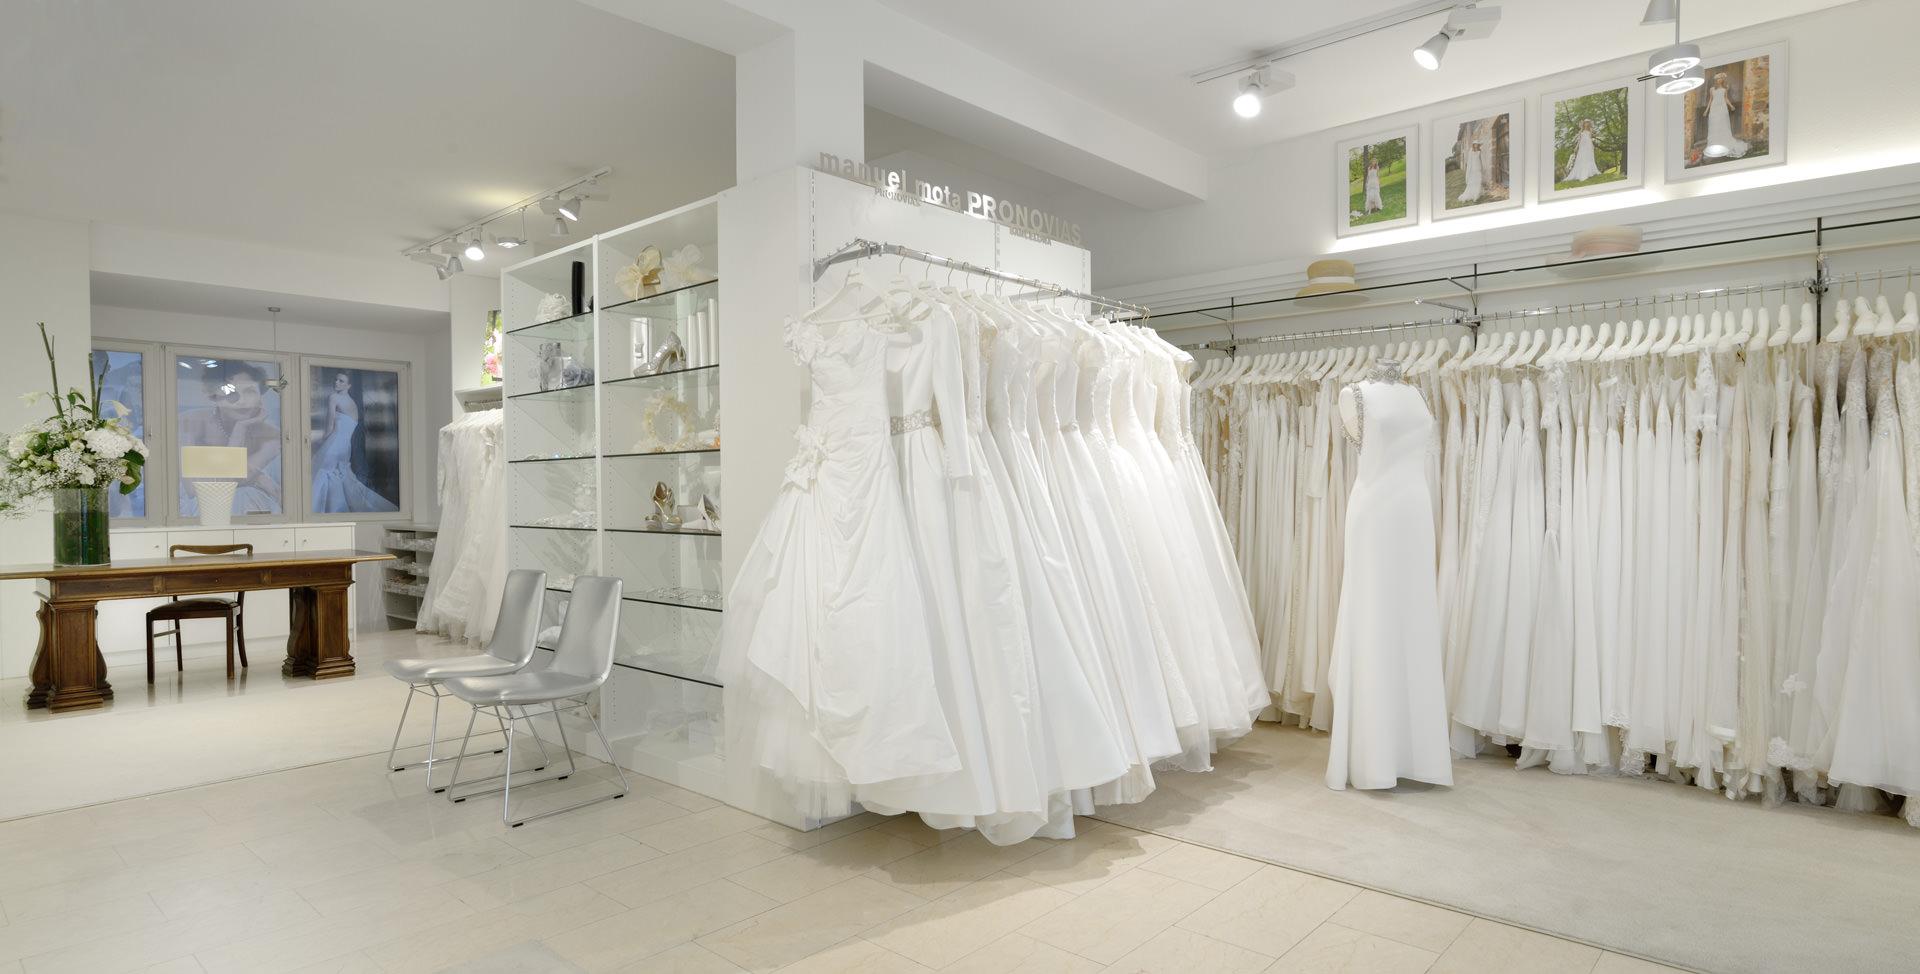 Brautgalerie München | Brautmode Geschäft München - Brautkleider ...